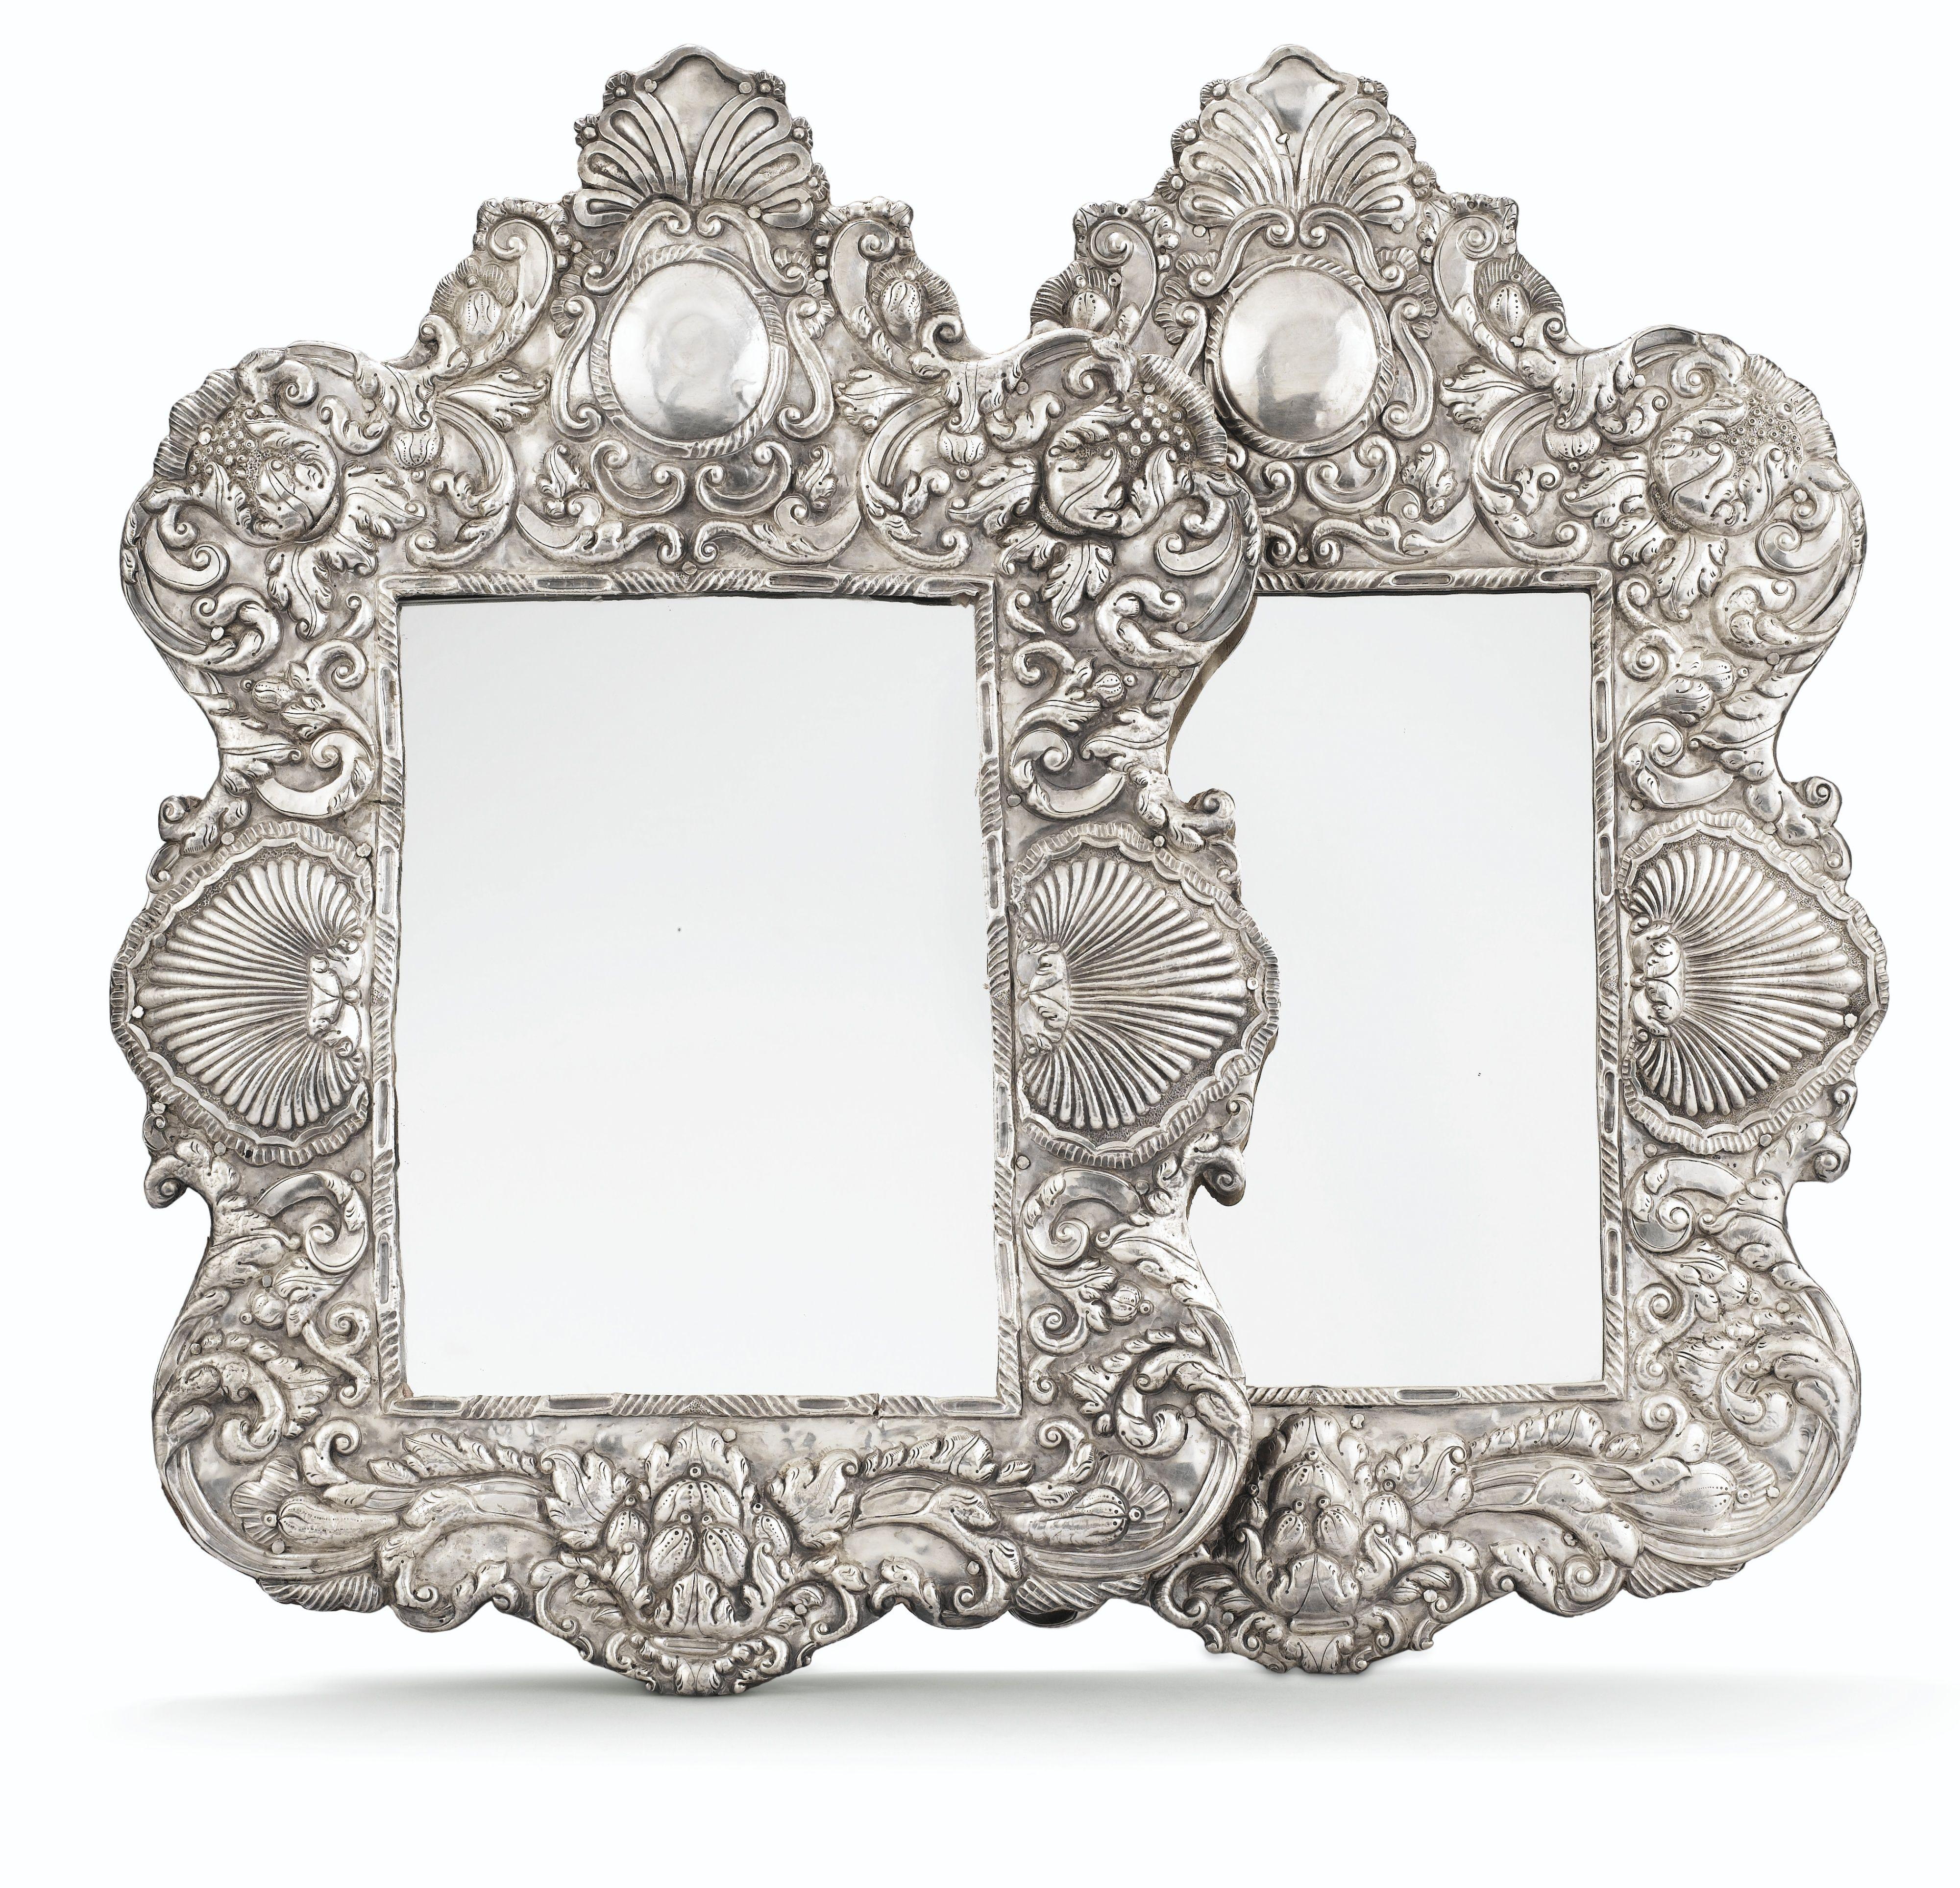 Paire de miroirs à cadre en argent, Amérique du Sud, XVIII<SUP>e ...